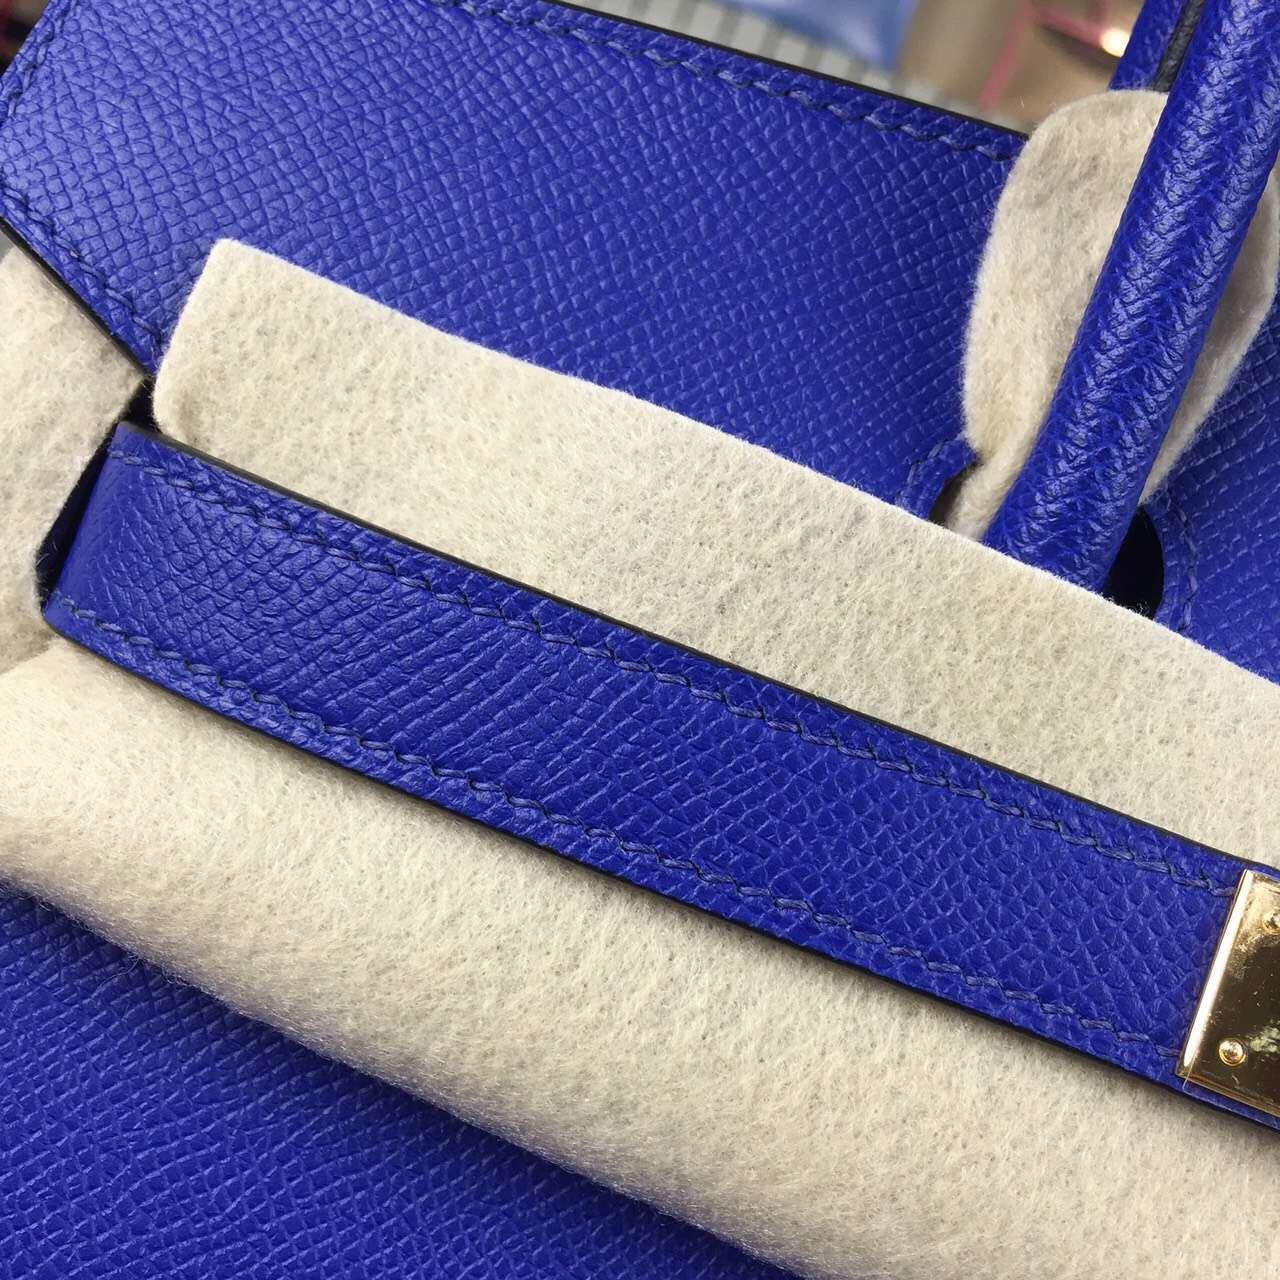 Popular Hermes France Epsom Calfskin Leather 7T Blue Electric Birkin Bag 30cm